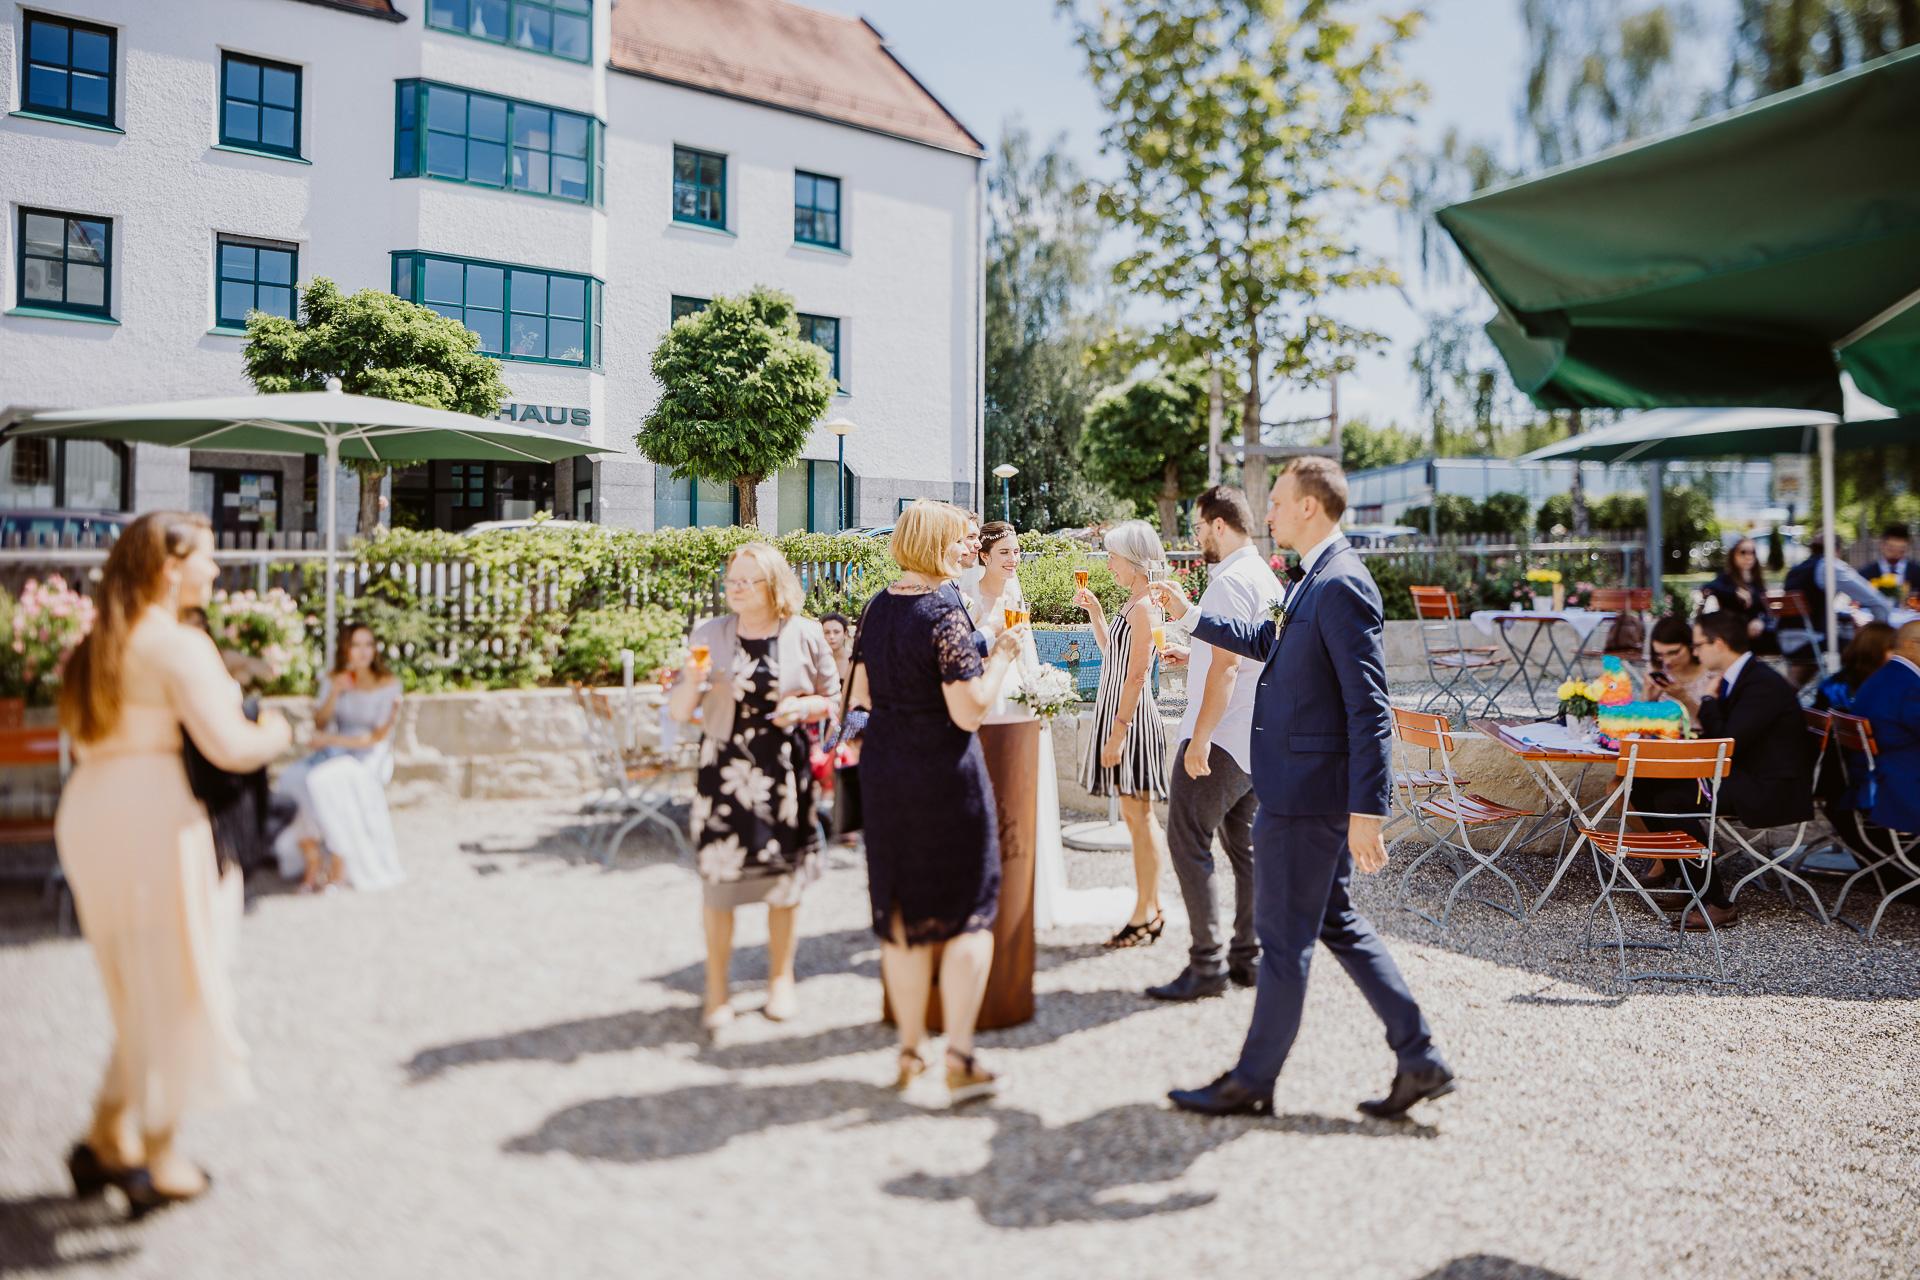 Alexander Utz, Fotografie, Hochzeit, Augsburg, Brautkleid, Brautstrauss-70